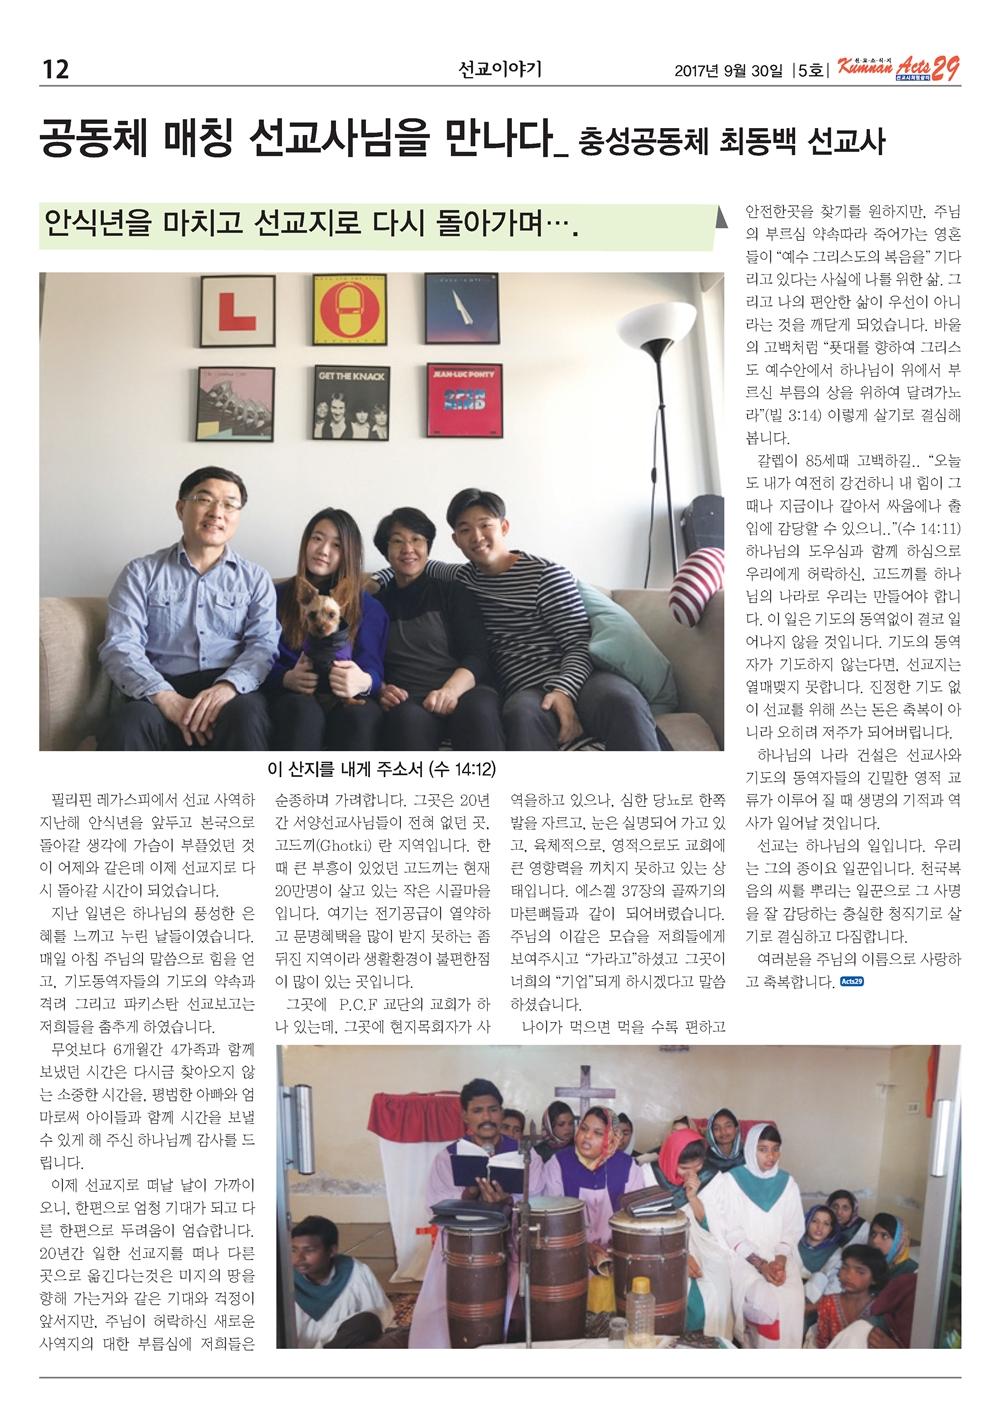 금란선교소식지 5호_Page_12.jpg